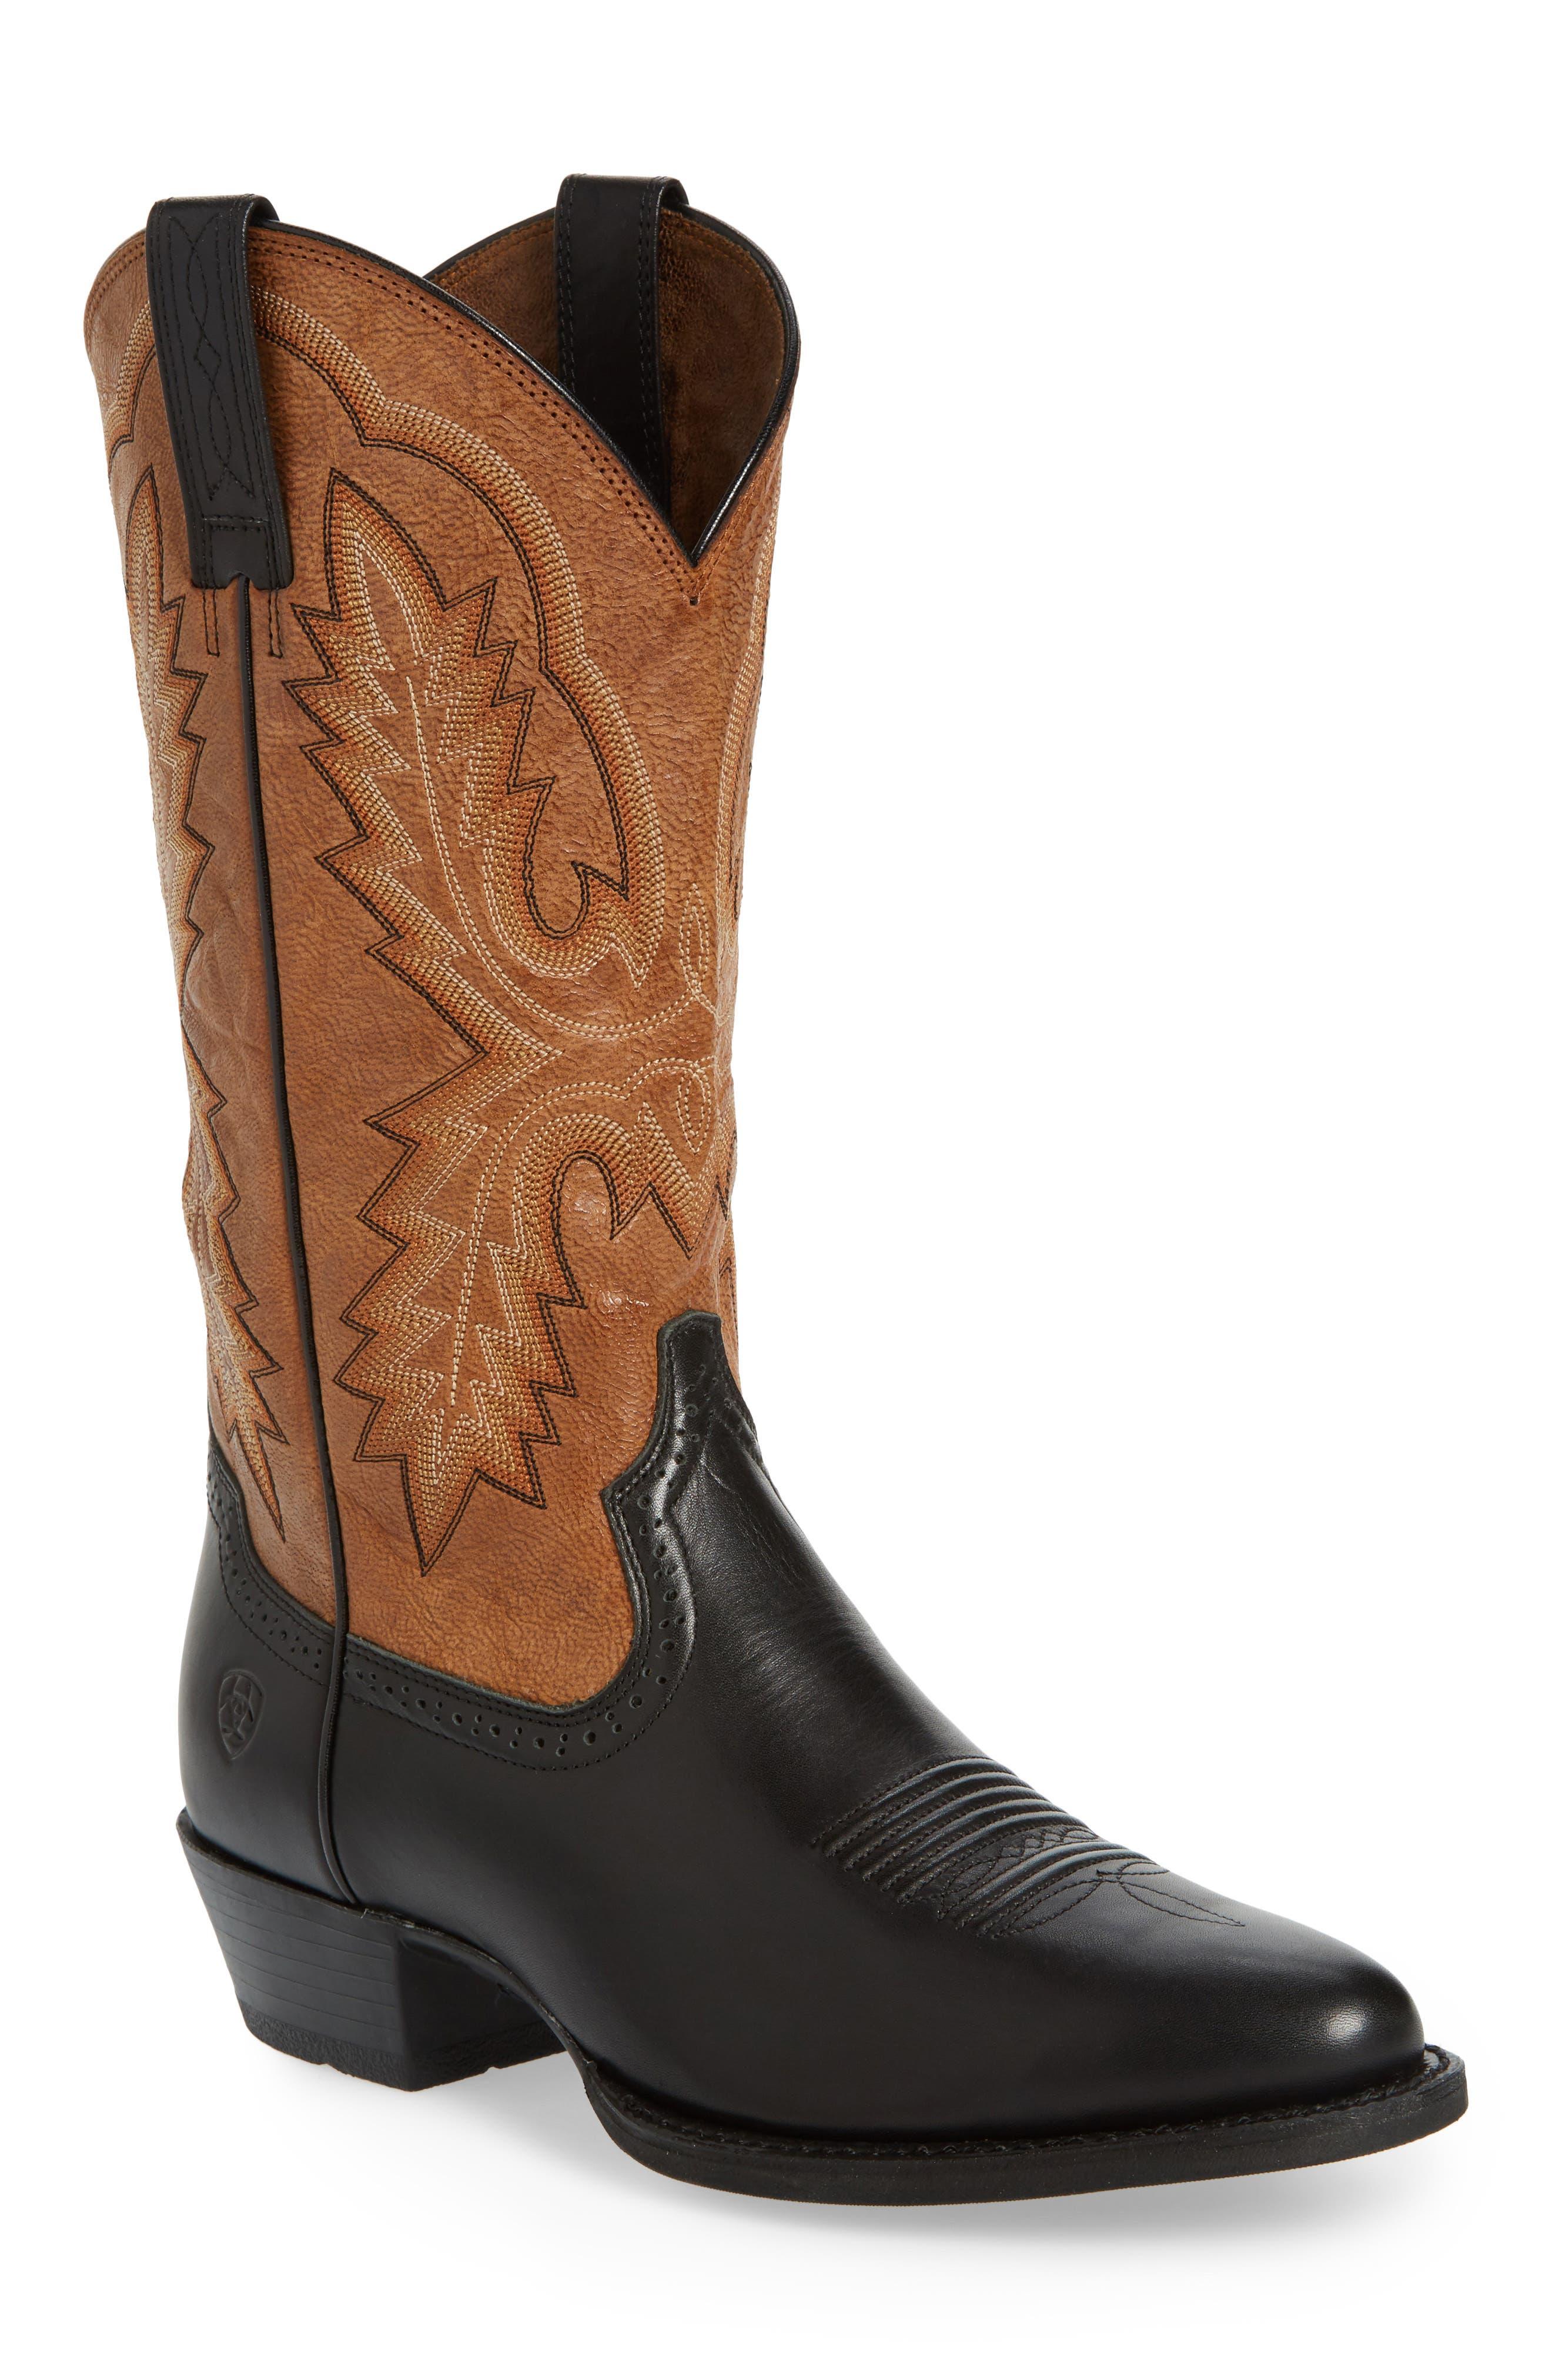 Alternate Image 1 Selected - Ariat Heritage Calhoun Western R-Toe Boot (Men)